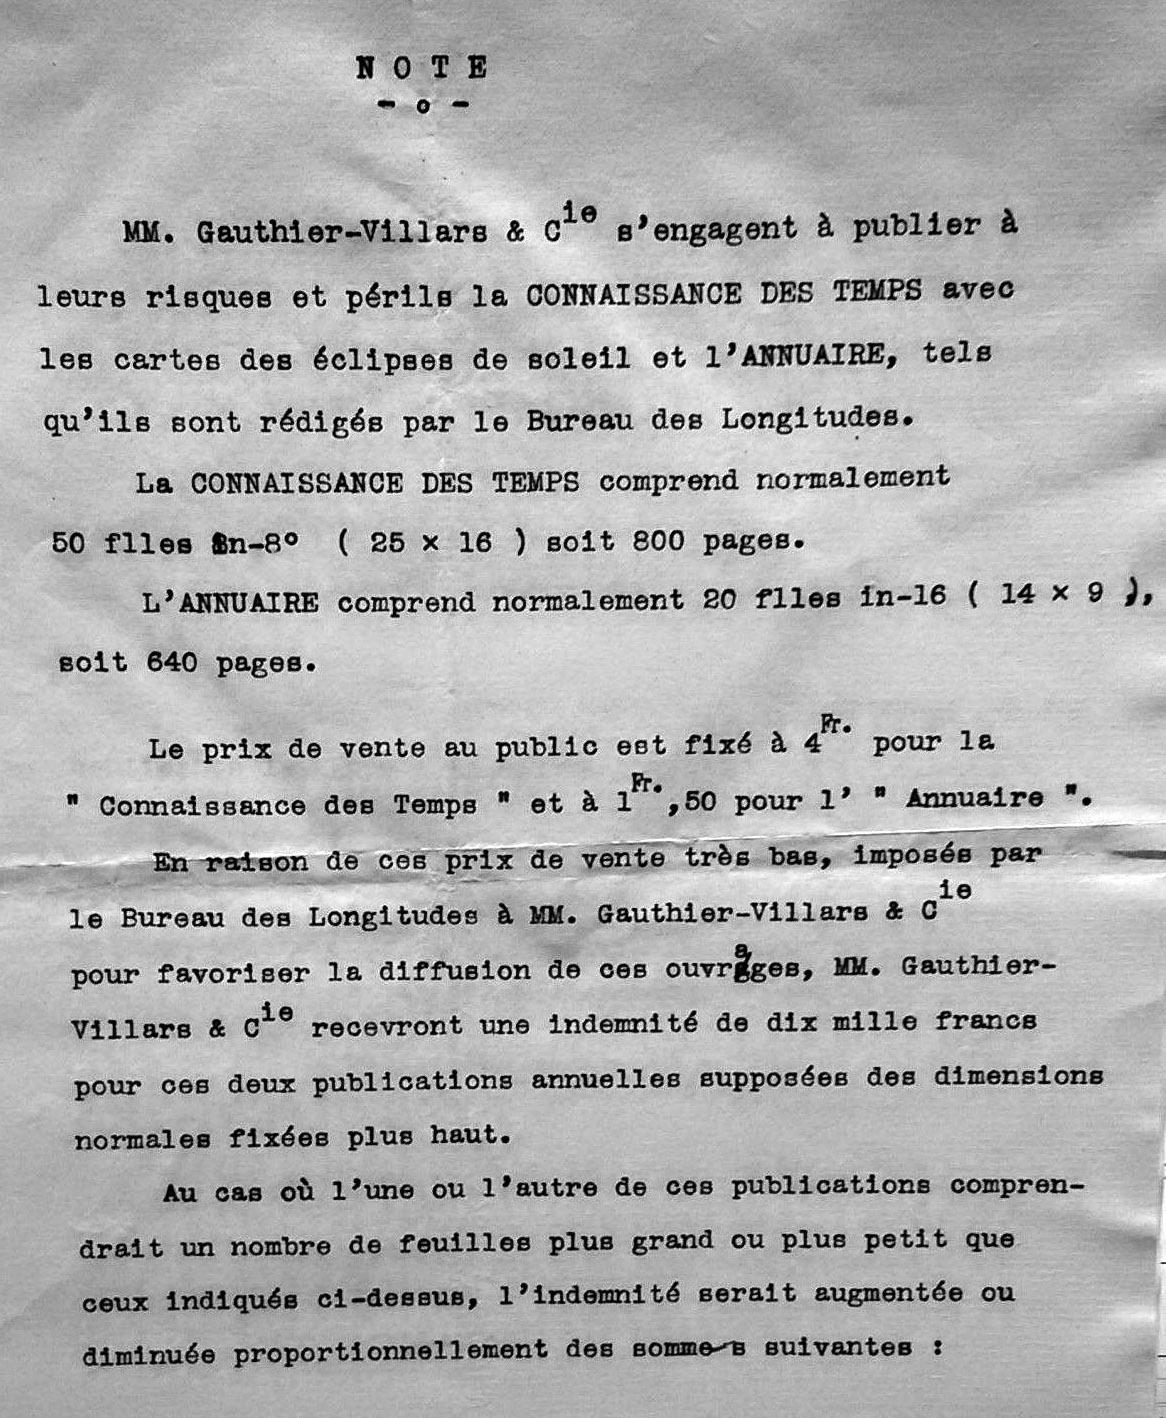 Deuxième extrait de l'avenant au contrat de 1911